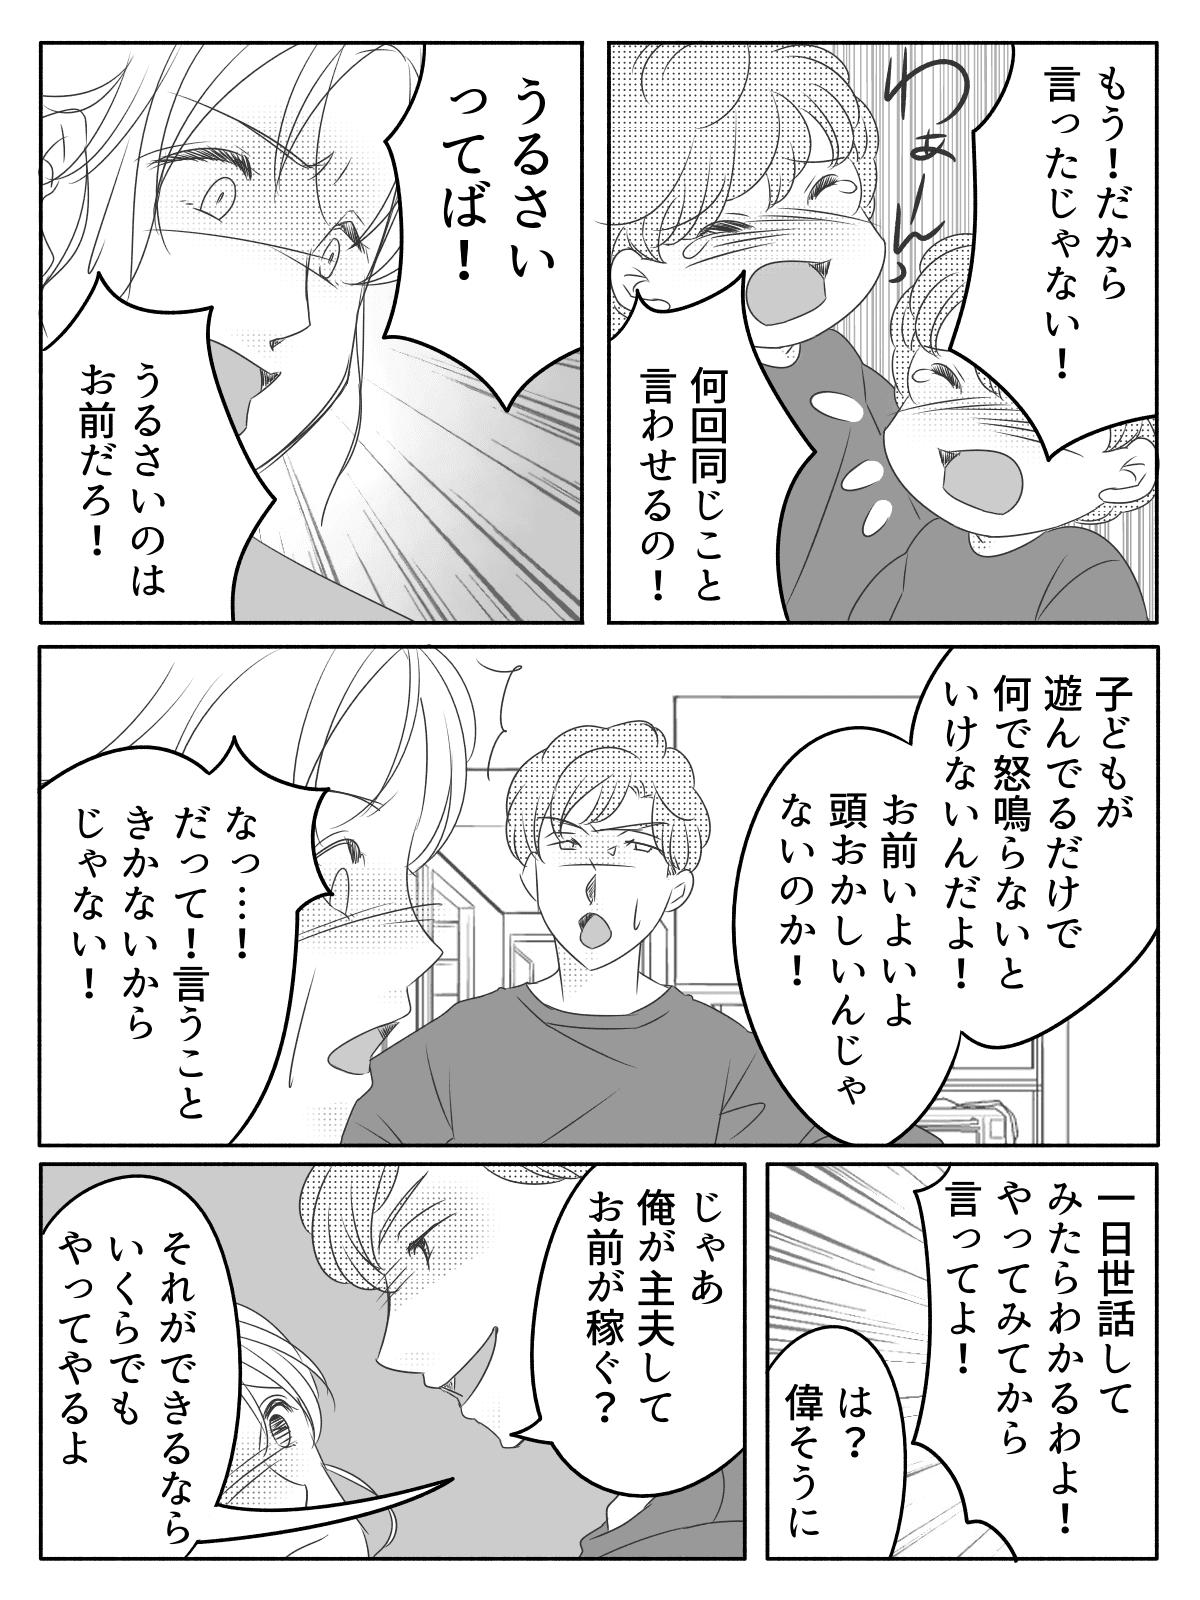 <不倫は私のせい?>